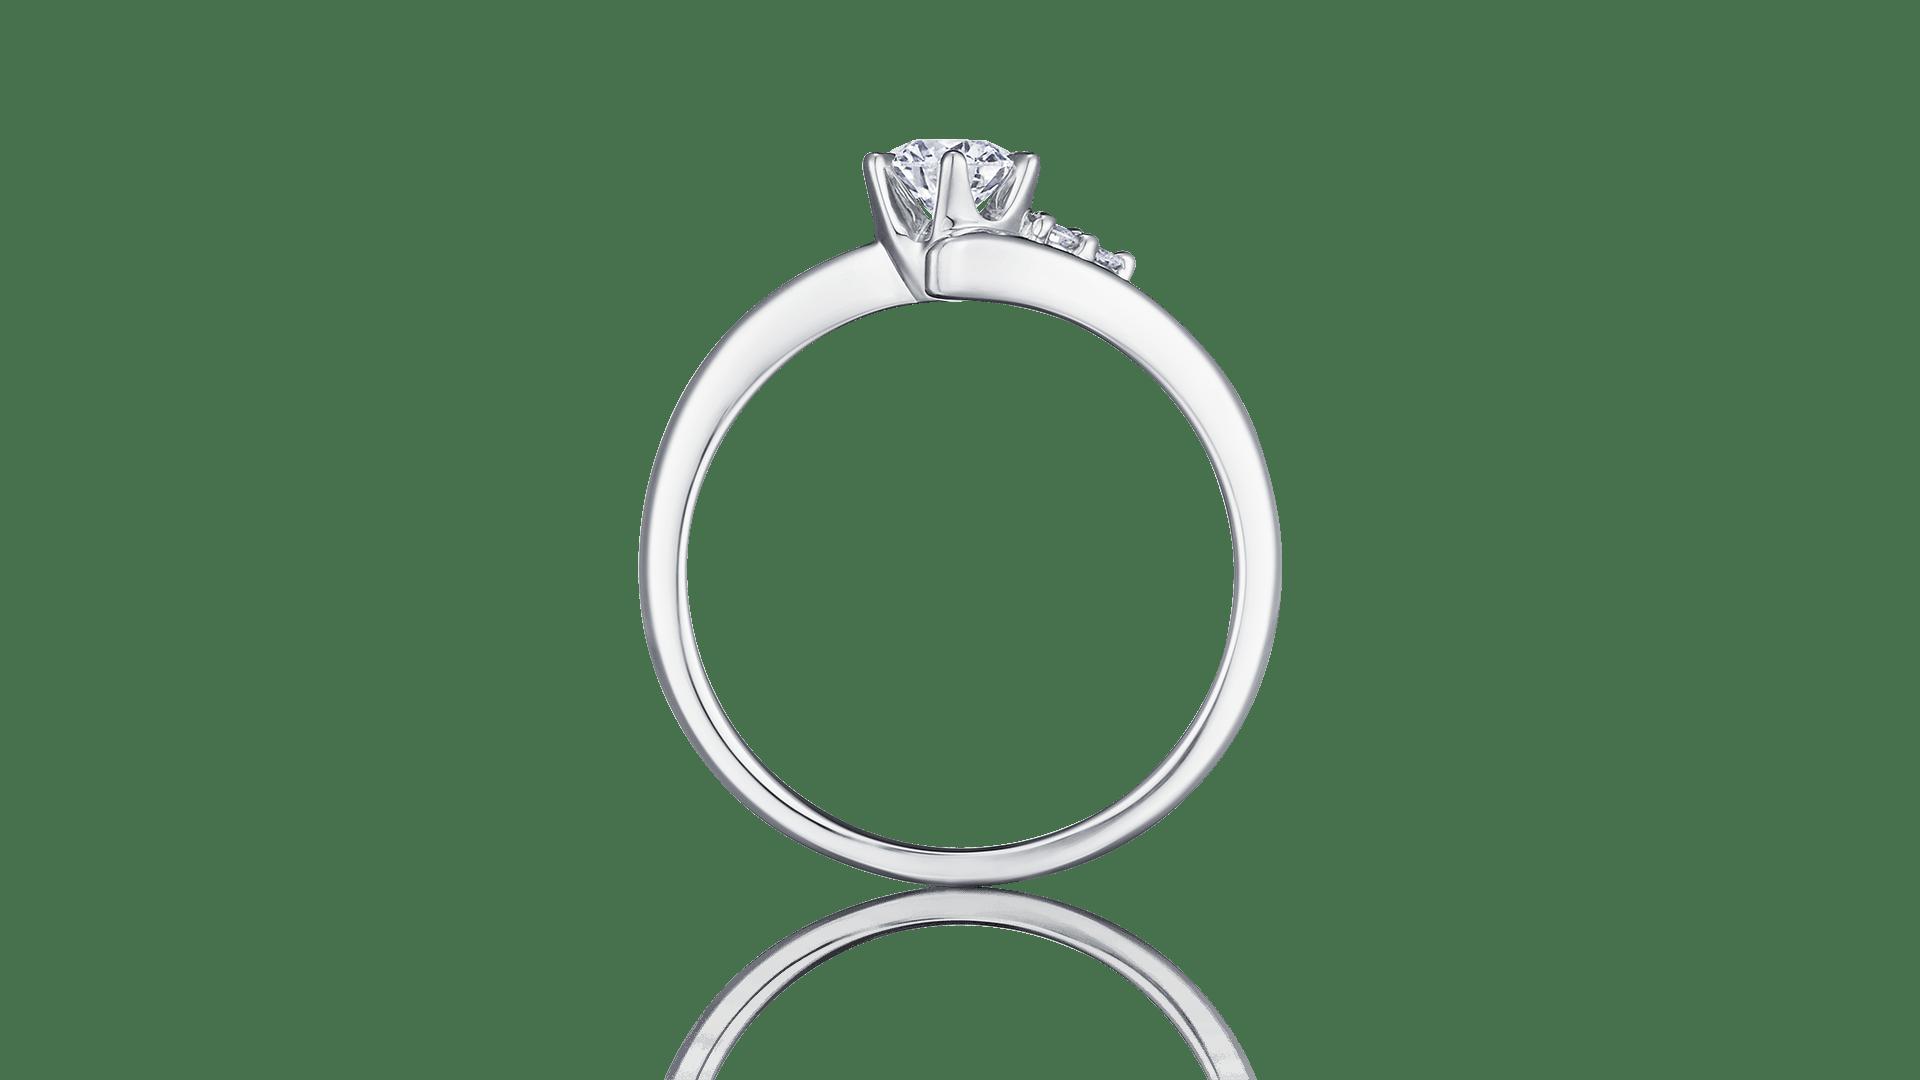 mira ミラ | 婚約指輪サムネイル 2